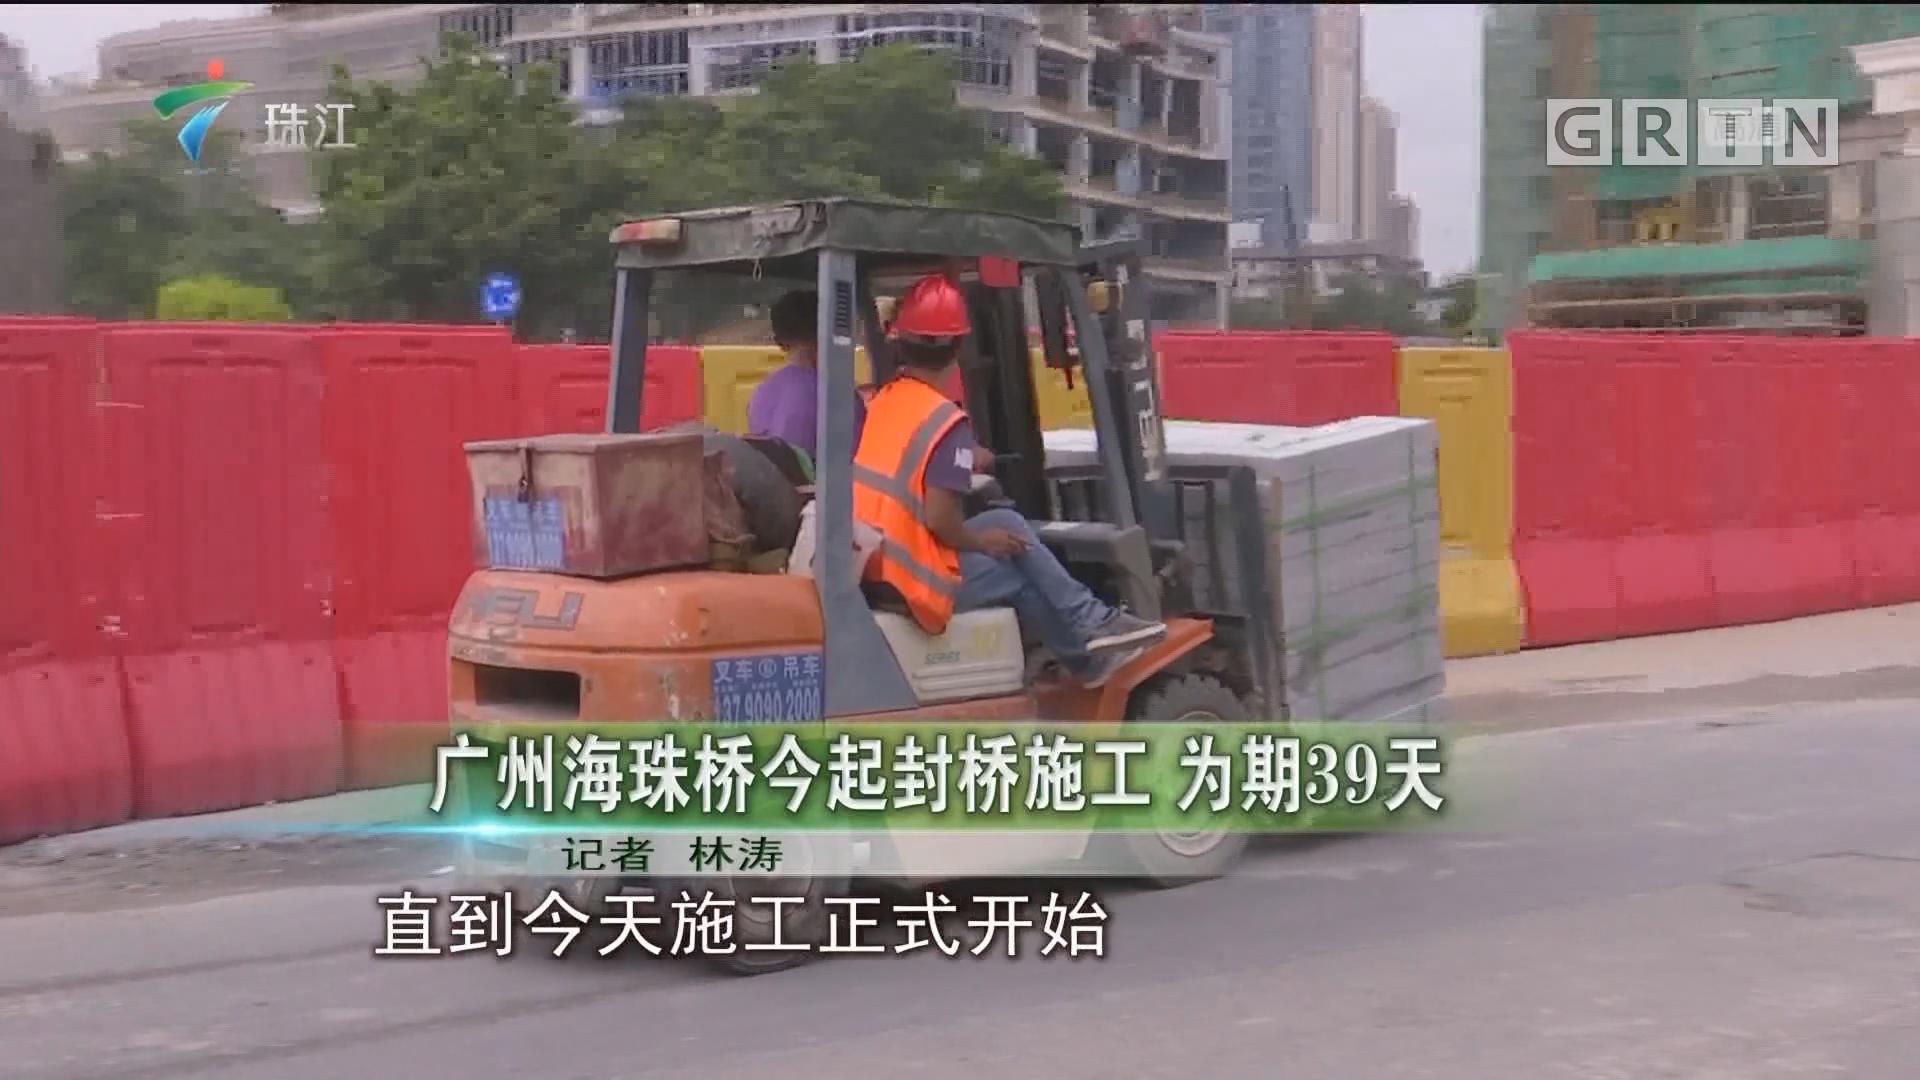 广州海珠桥今起封桥施工 为期39天